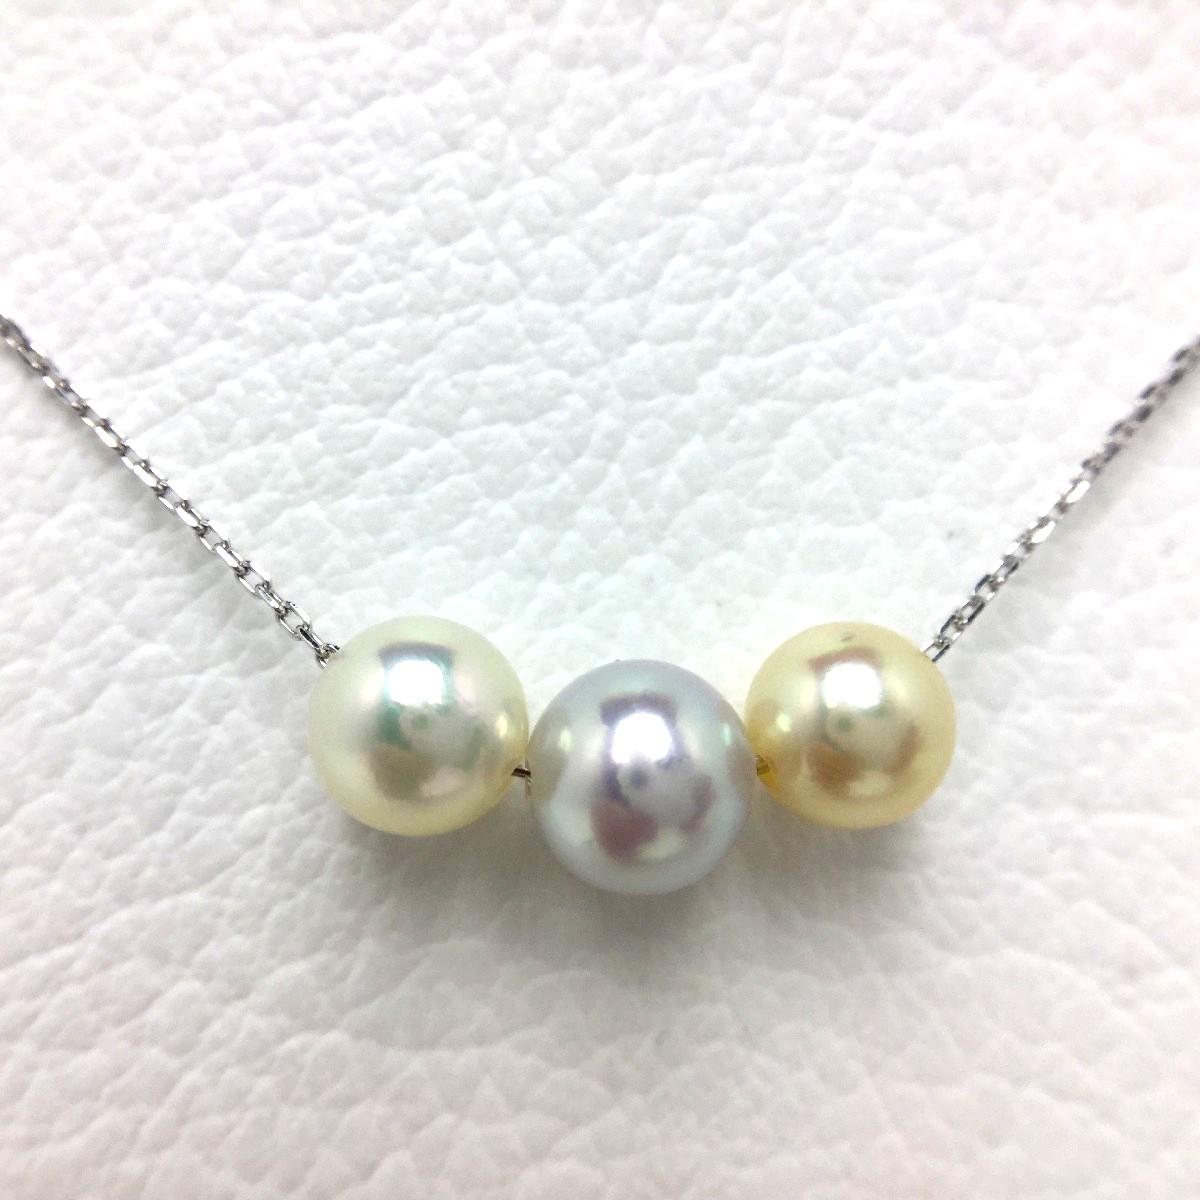 【10%OFF】真珠 ペンダント パール アコヤ真珠 6.0-7.0mm マルチカラー K10 ホワイトゴールド チェーン 66054 イソワパール